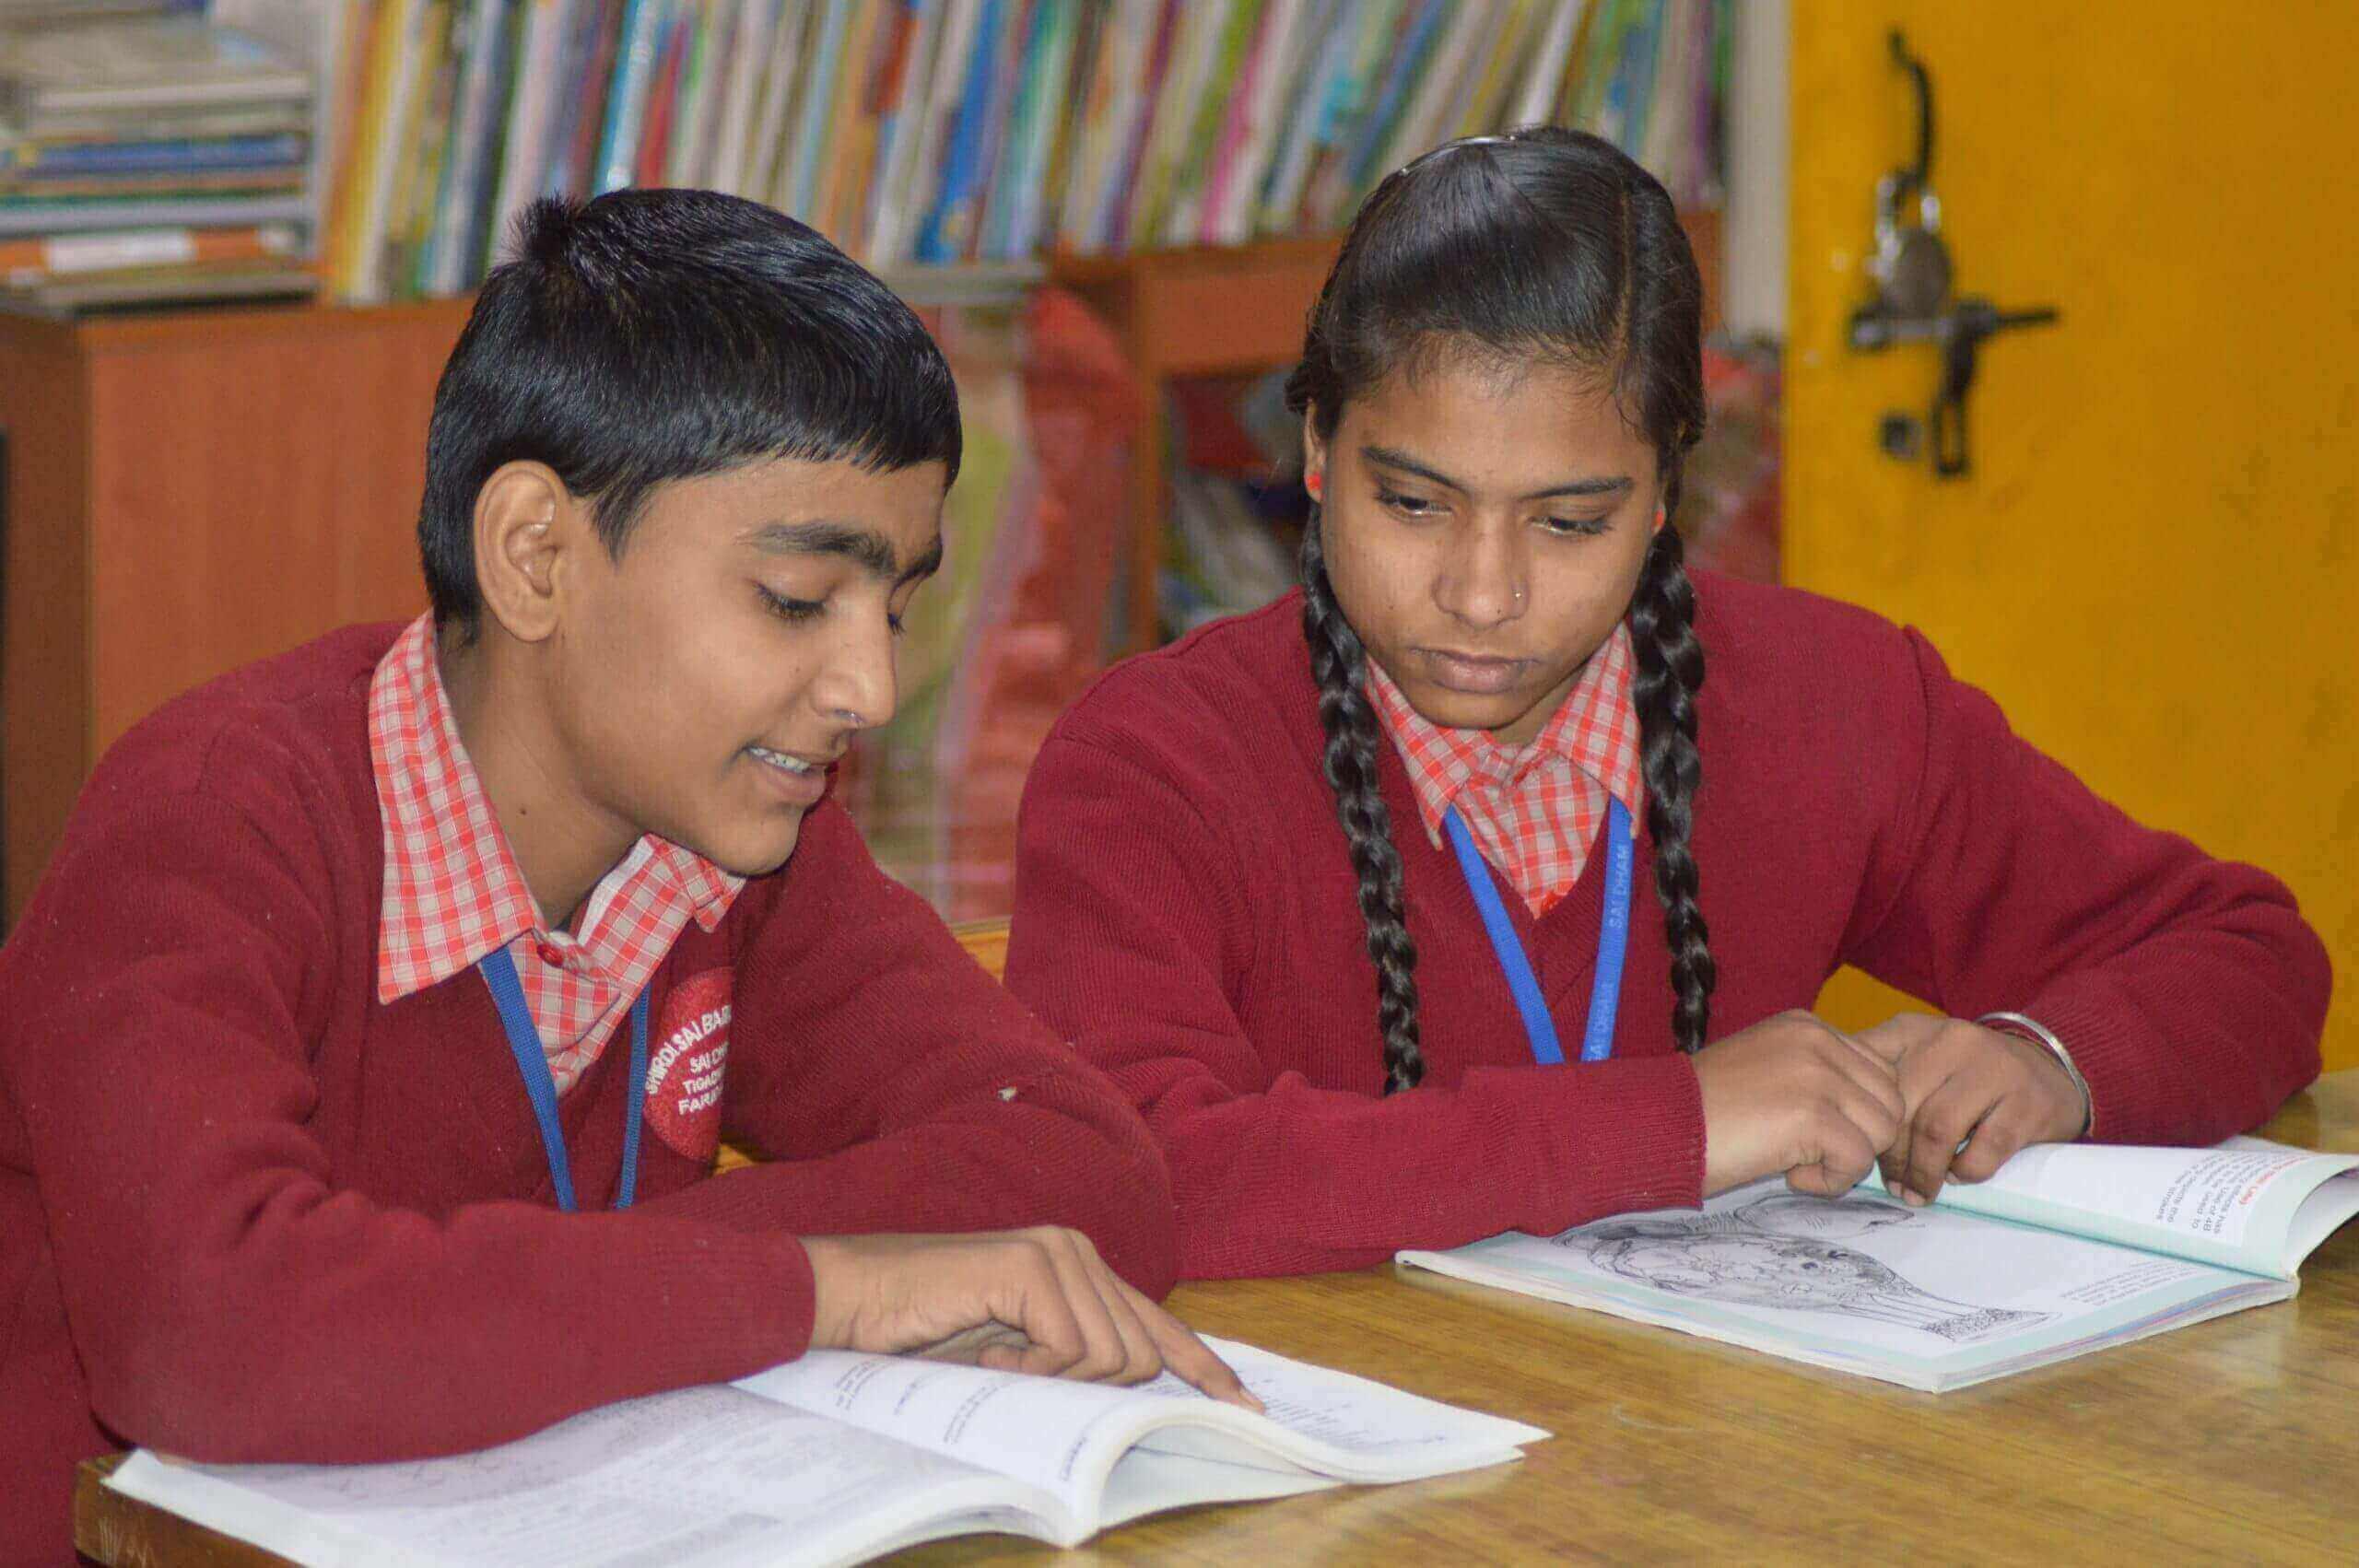 NGO providing free education